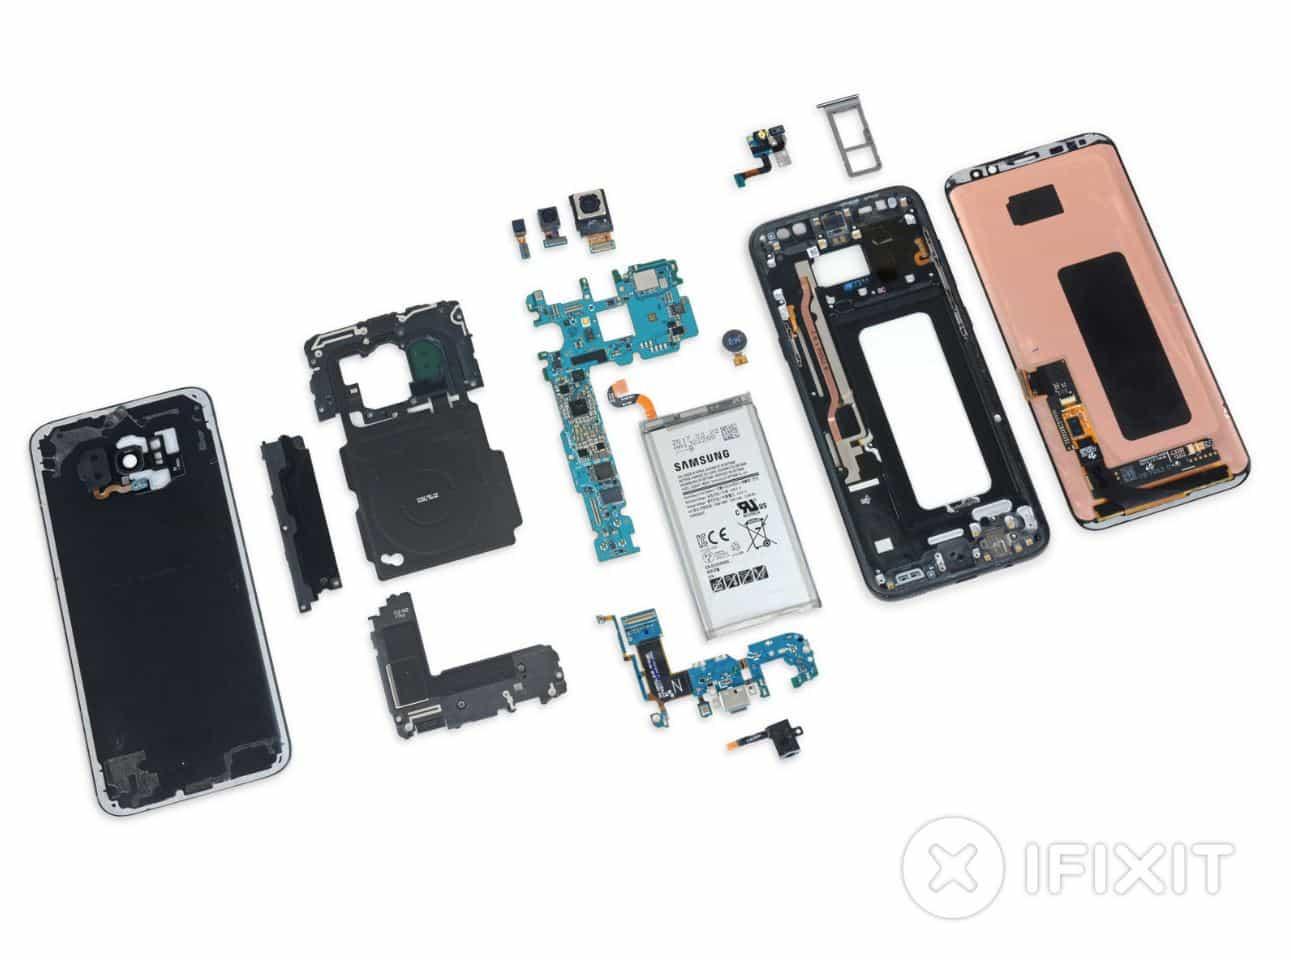 Samsung Galaxy S8+ desarmado